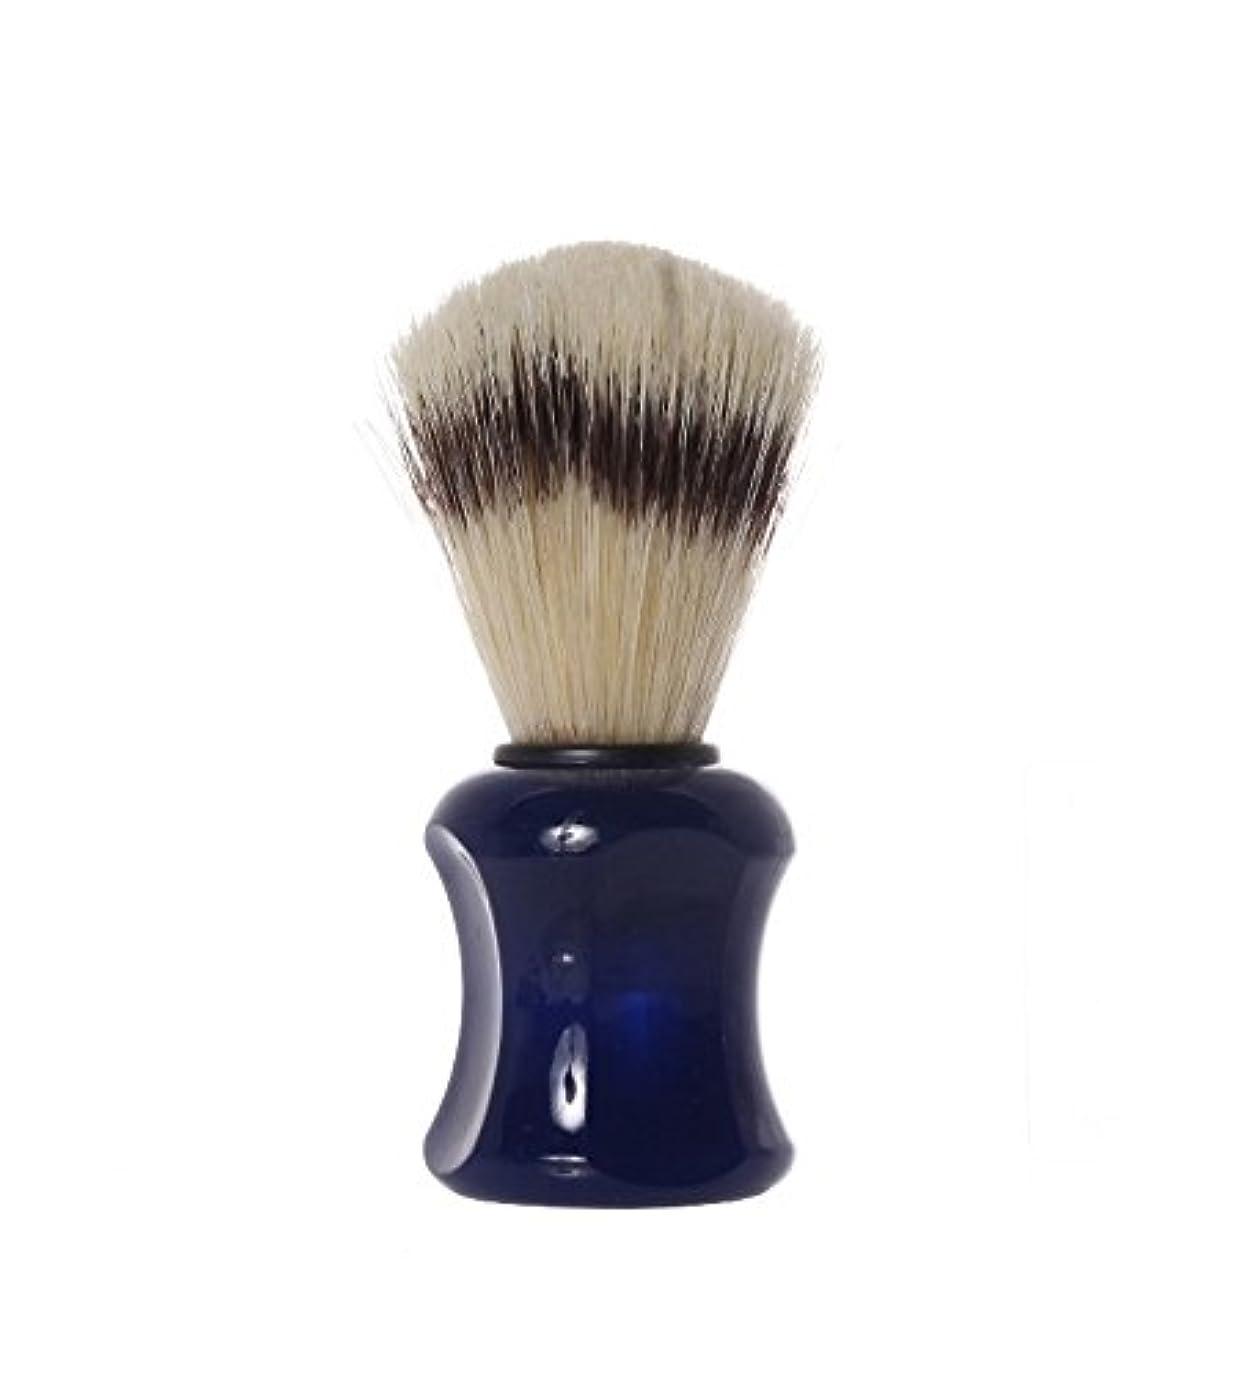 仮称注入する崩壊Shaving Brush with pig´s bristles, 10,0 cm, blue - Erbe Solingen